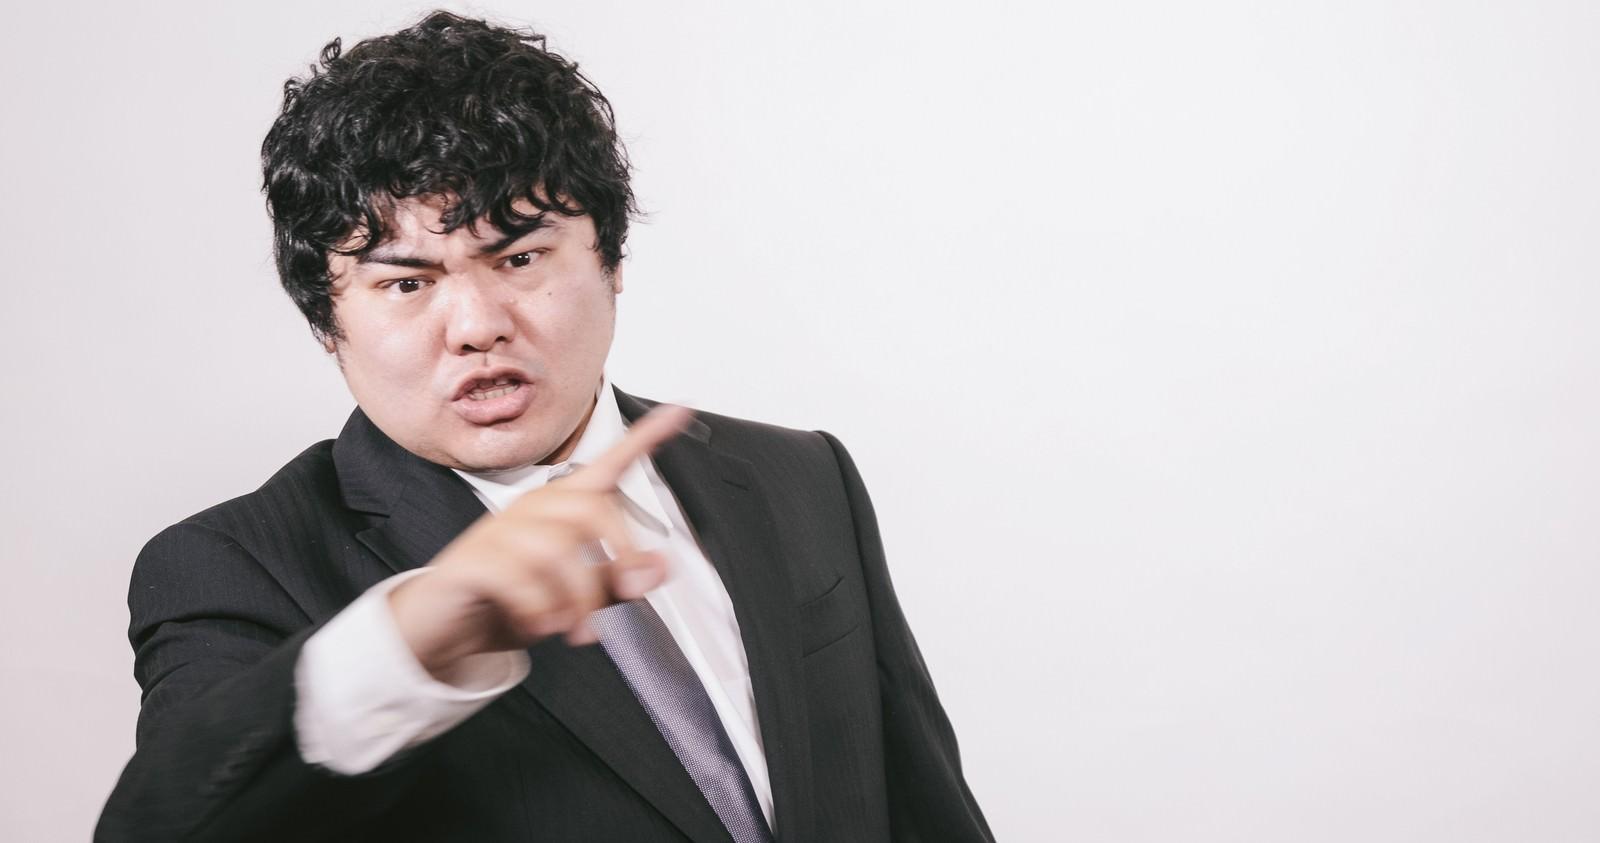 「ズバッと指摘するサラリーマン」の写真[モデル:段田隼人]